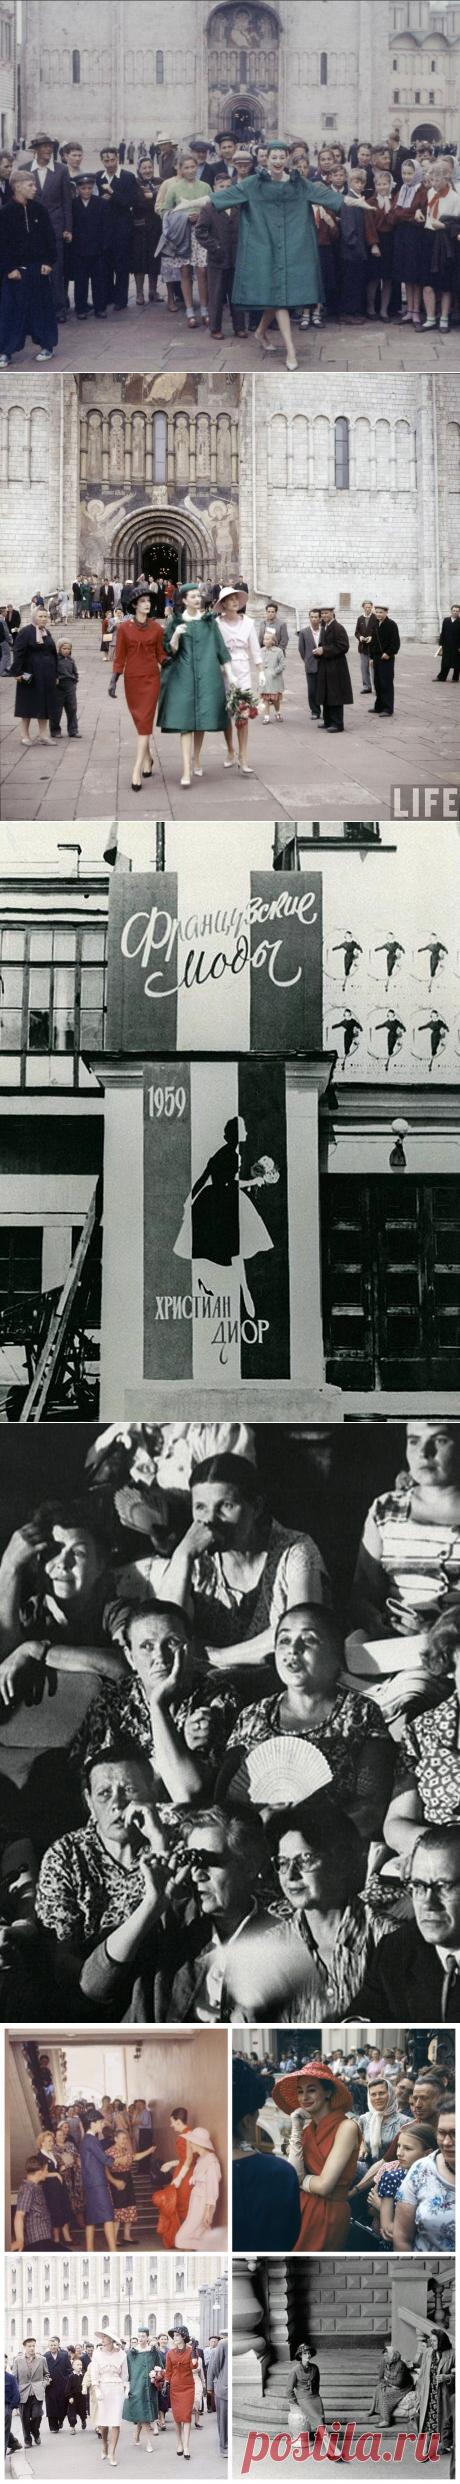 Столкновение миров и взглядов: граждан СССР с манекенщицами Dior. Как это было? Реакция граждан СССР   Мода вне времени   Яндекс Дзен